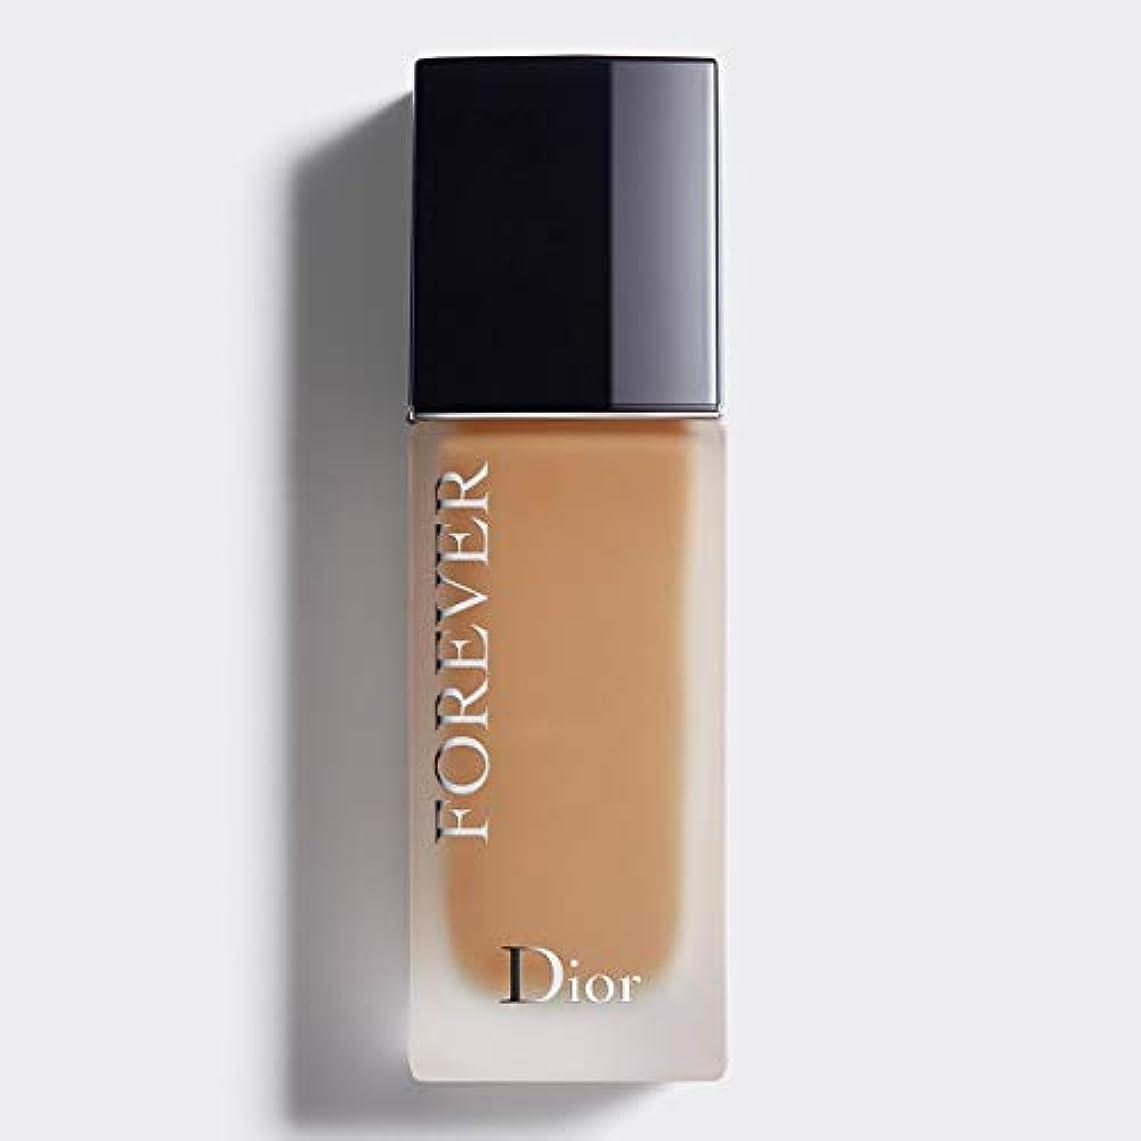 悪いオーナメント占めるクリスチャンディオール Dior Forever 24H Wear High Perfection Foundation SPF 35 - # 4W (Warm) 30ml/1oz並行輸入品